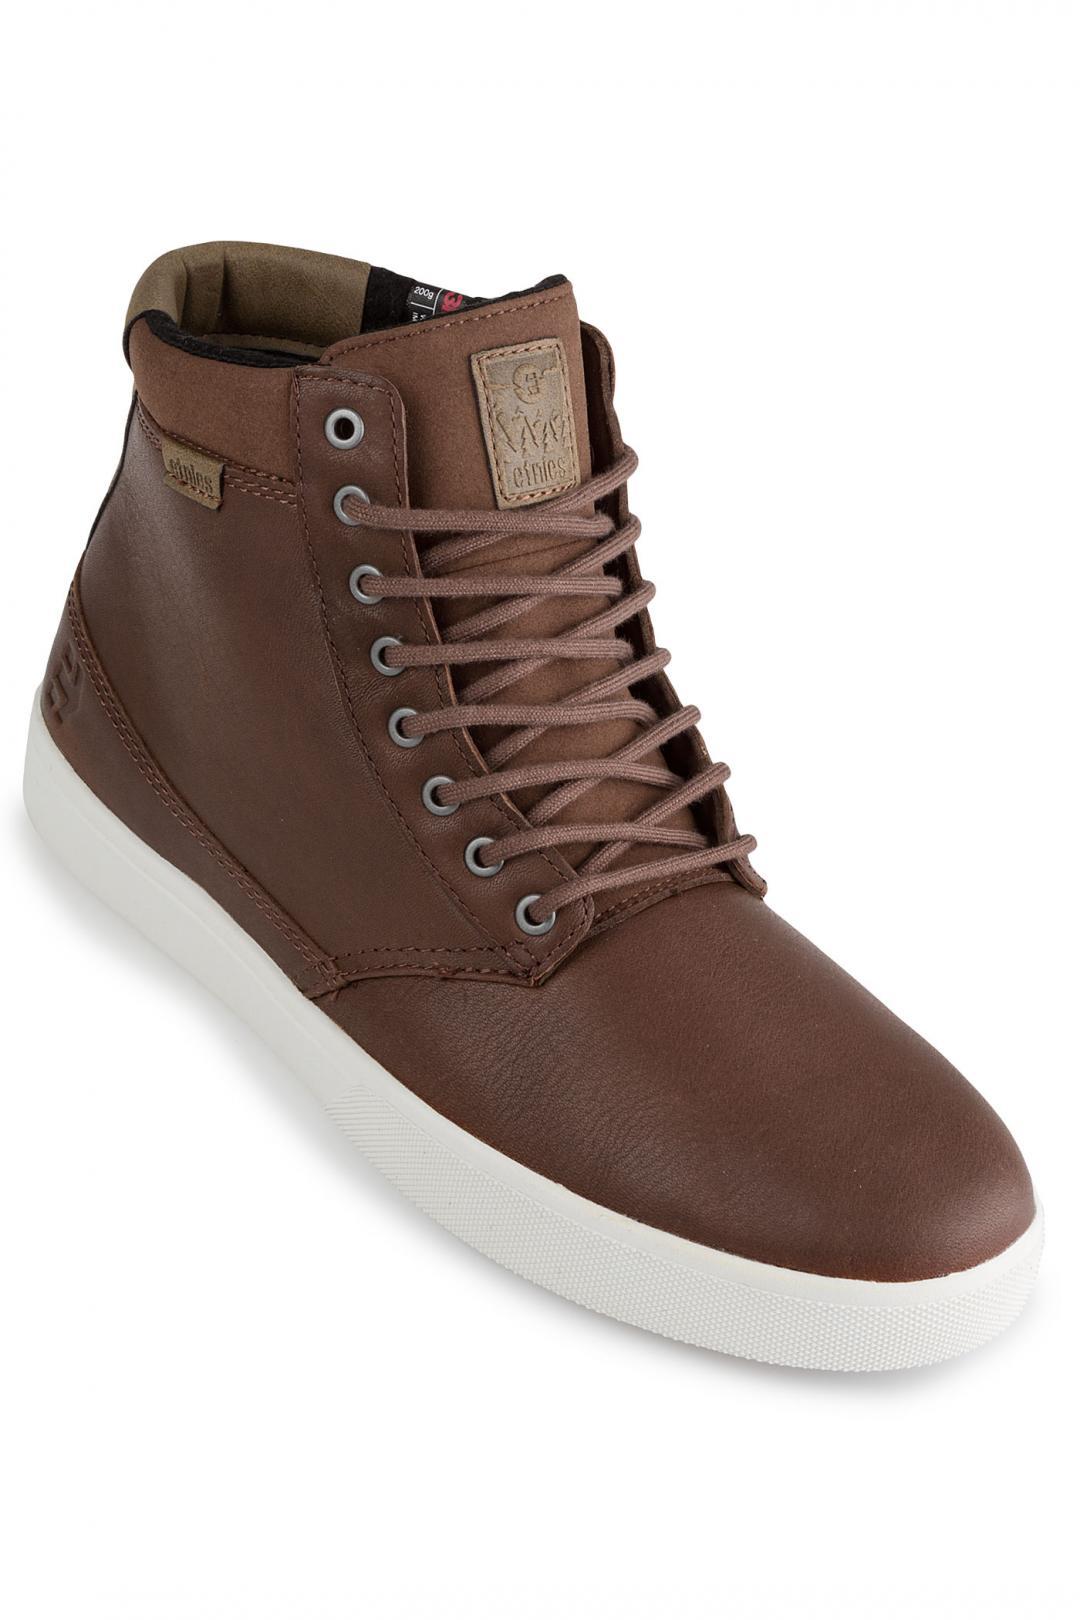 Uomo Etnies Jameson HTW brown tan white | Sneakers high top